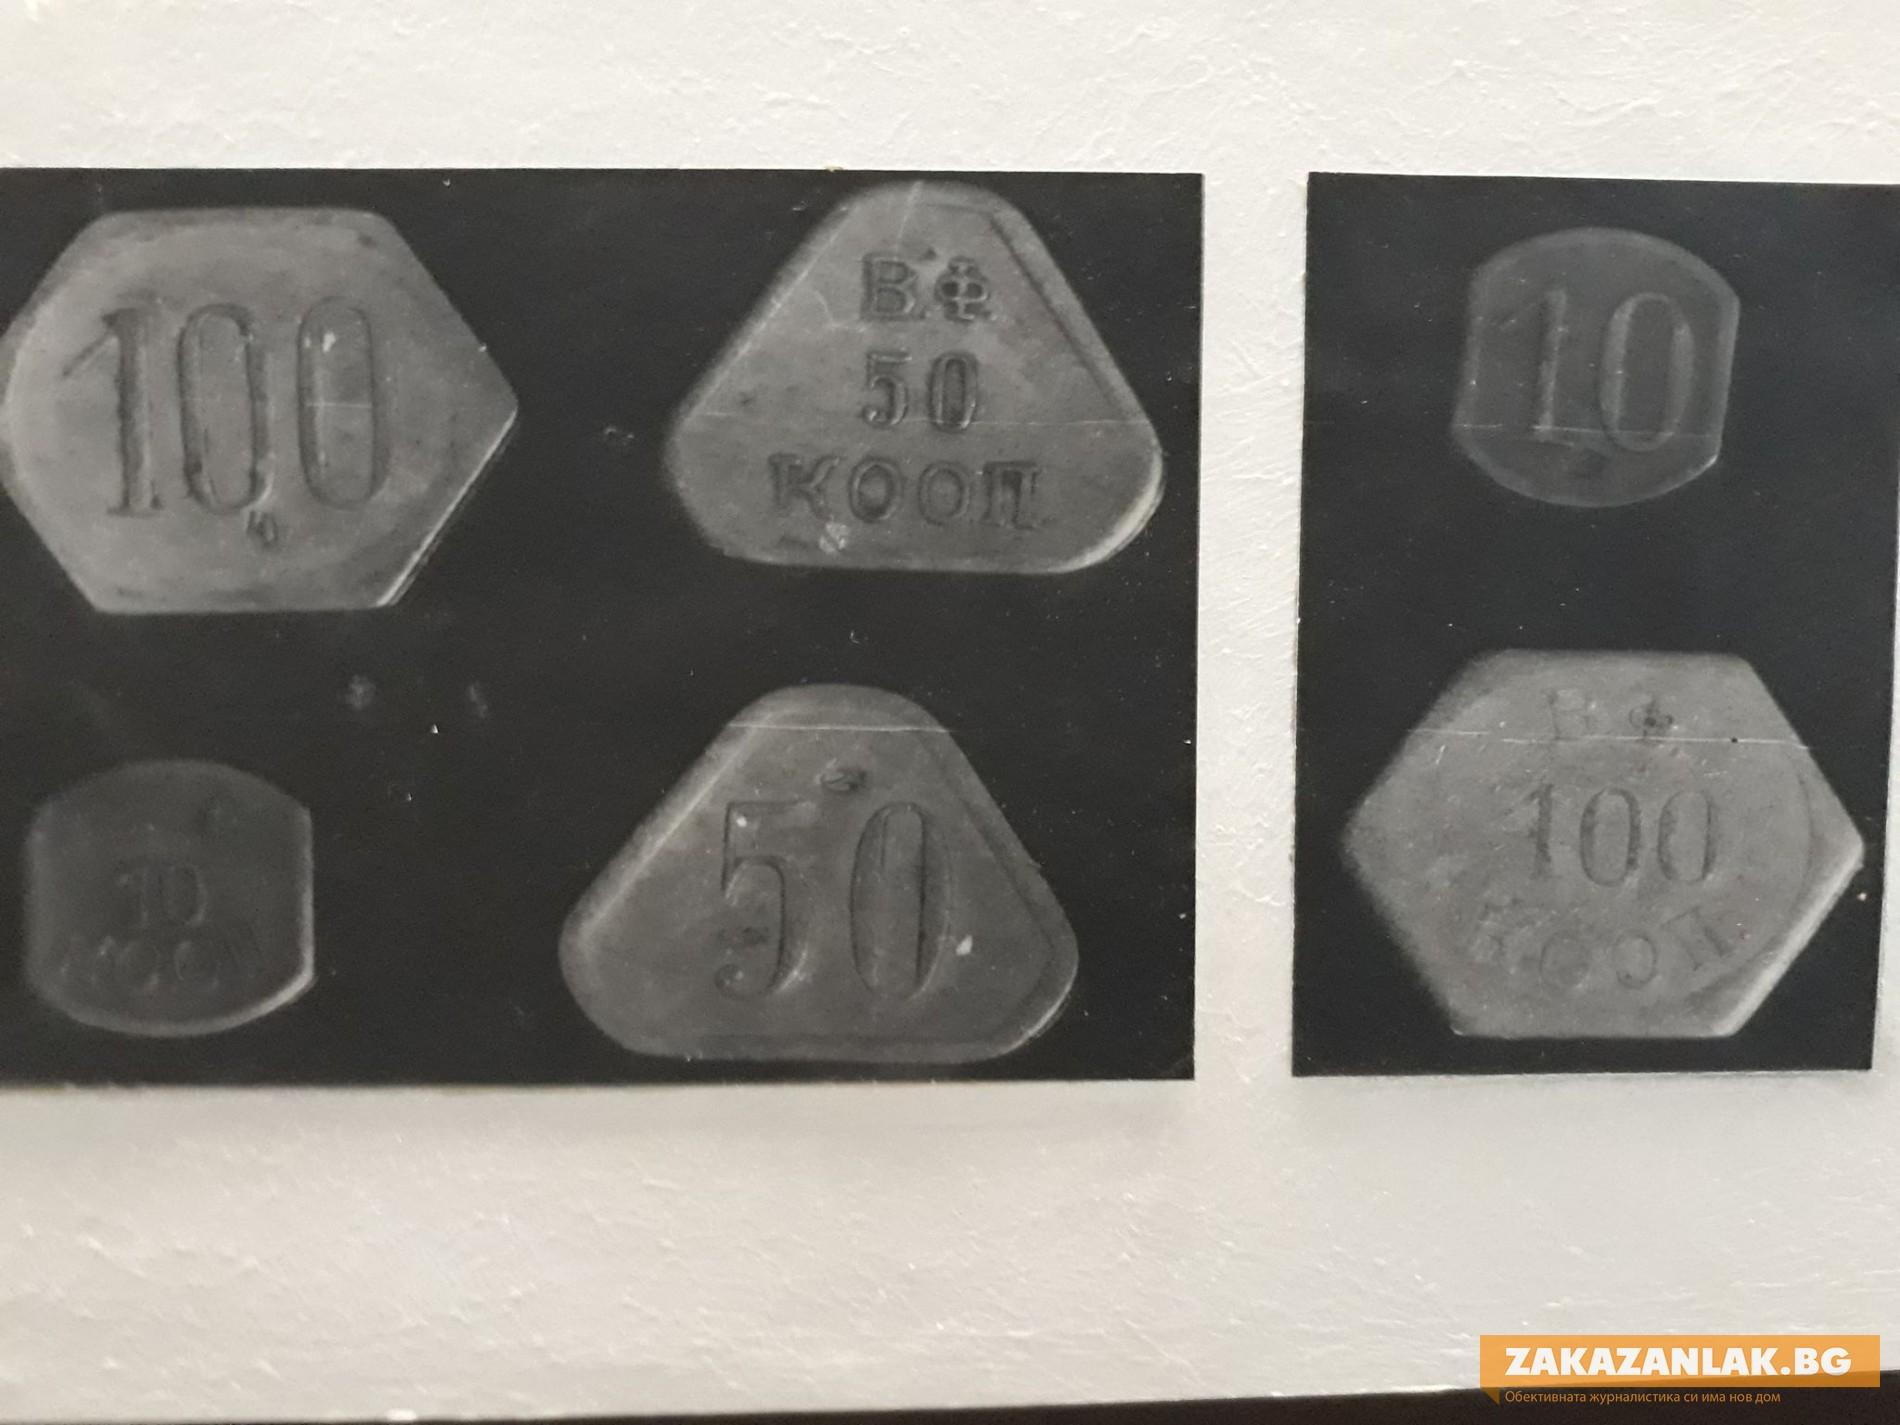 В Държавната военна фабрика са секли монети